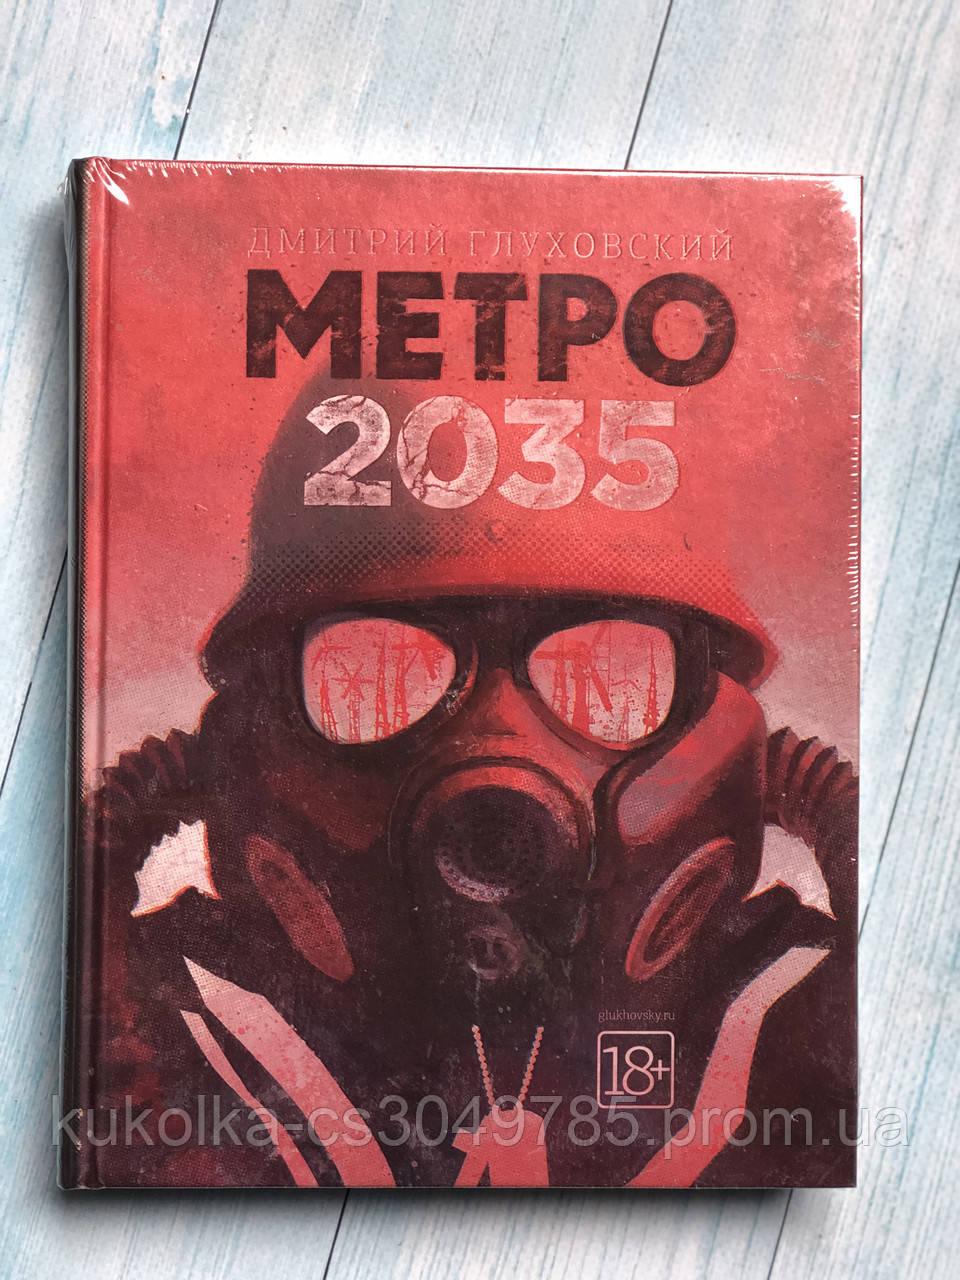 """"""" Метро 2035 """" Дмитрий Глуховский"""